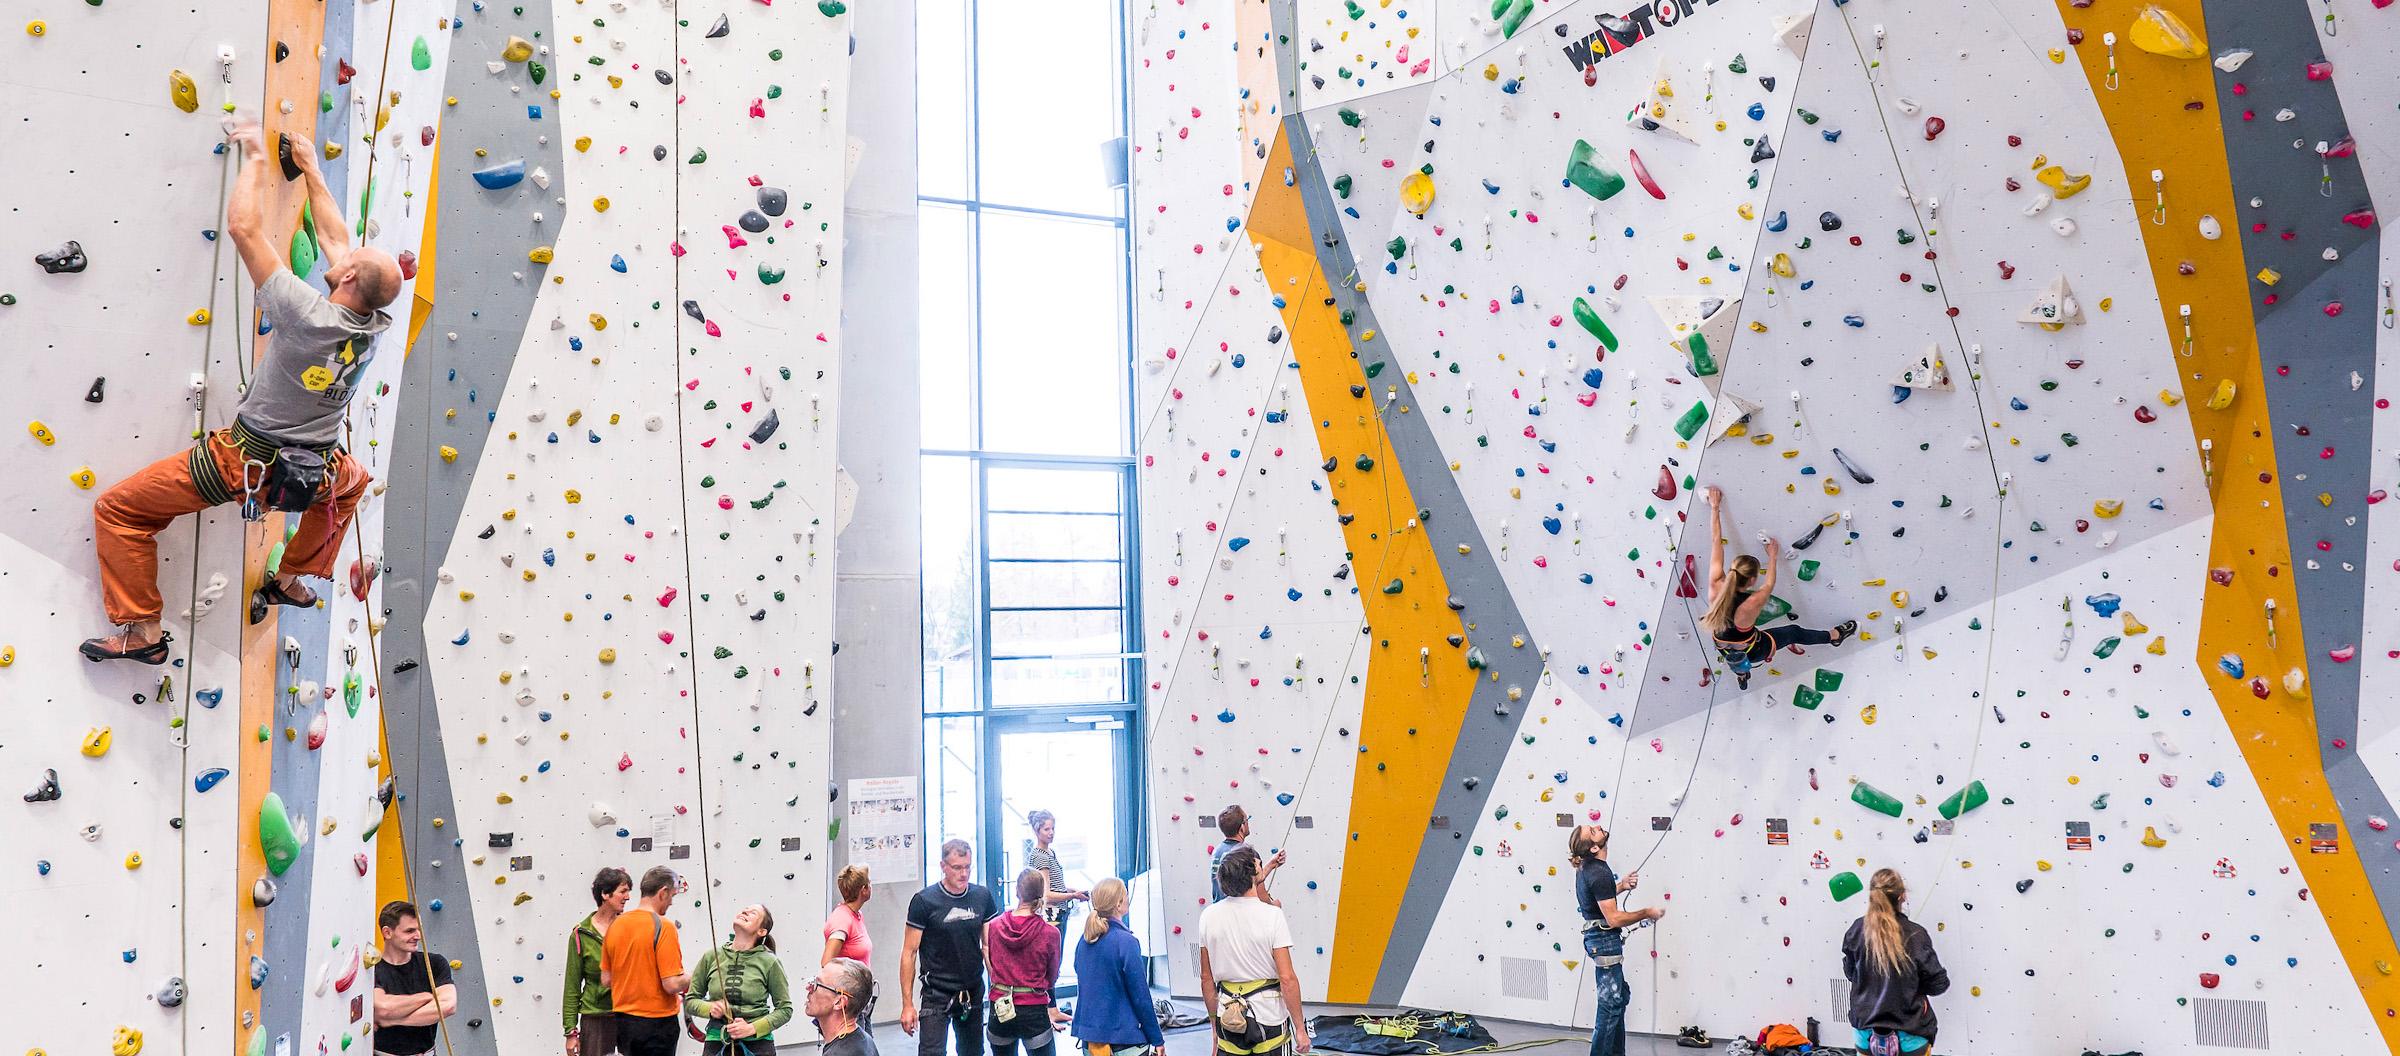 Climbing Wall Instructor Assessment